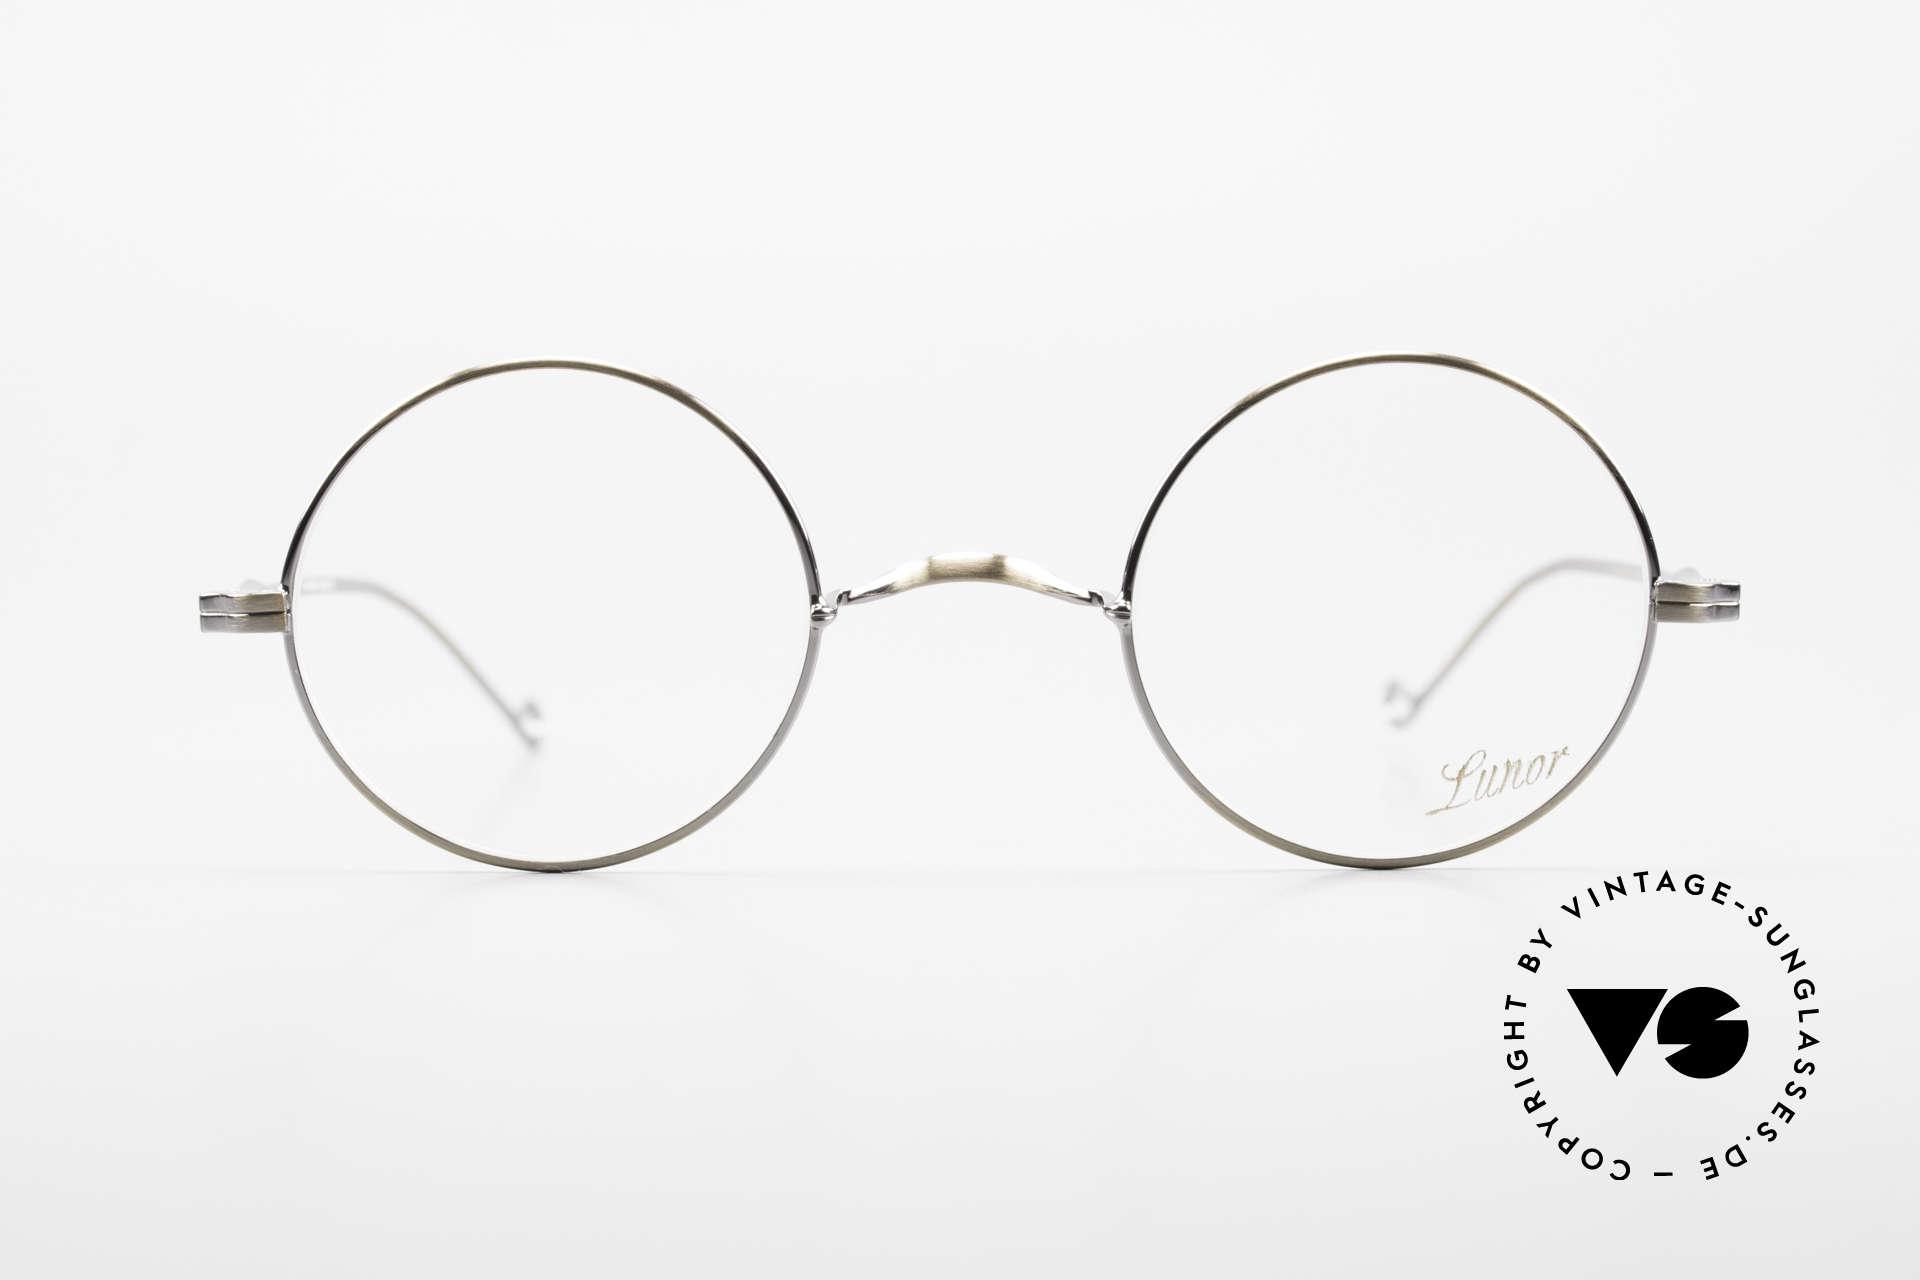 """Lunor II 23 Runde Lunor Brille Antik Gold, Vollrand-Metallfassung; sehr edel in """"antik gold"""", Passend für Herren und Damen"""